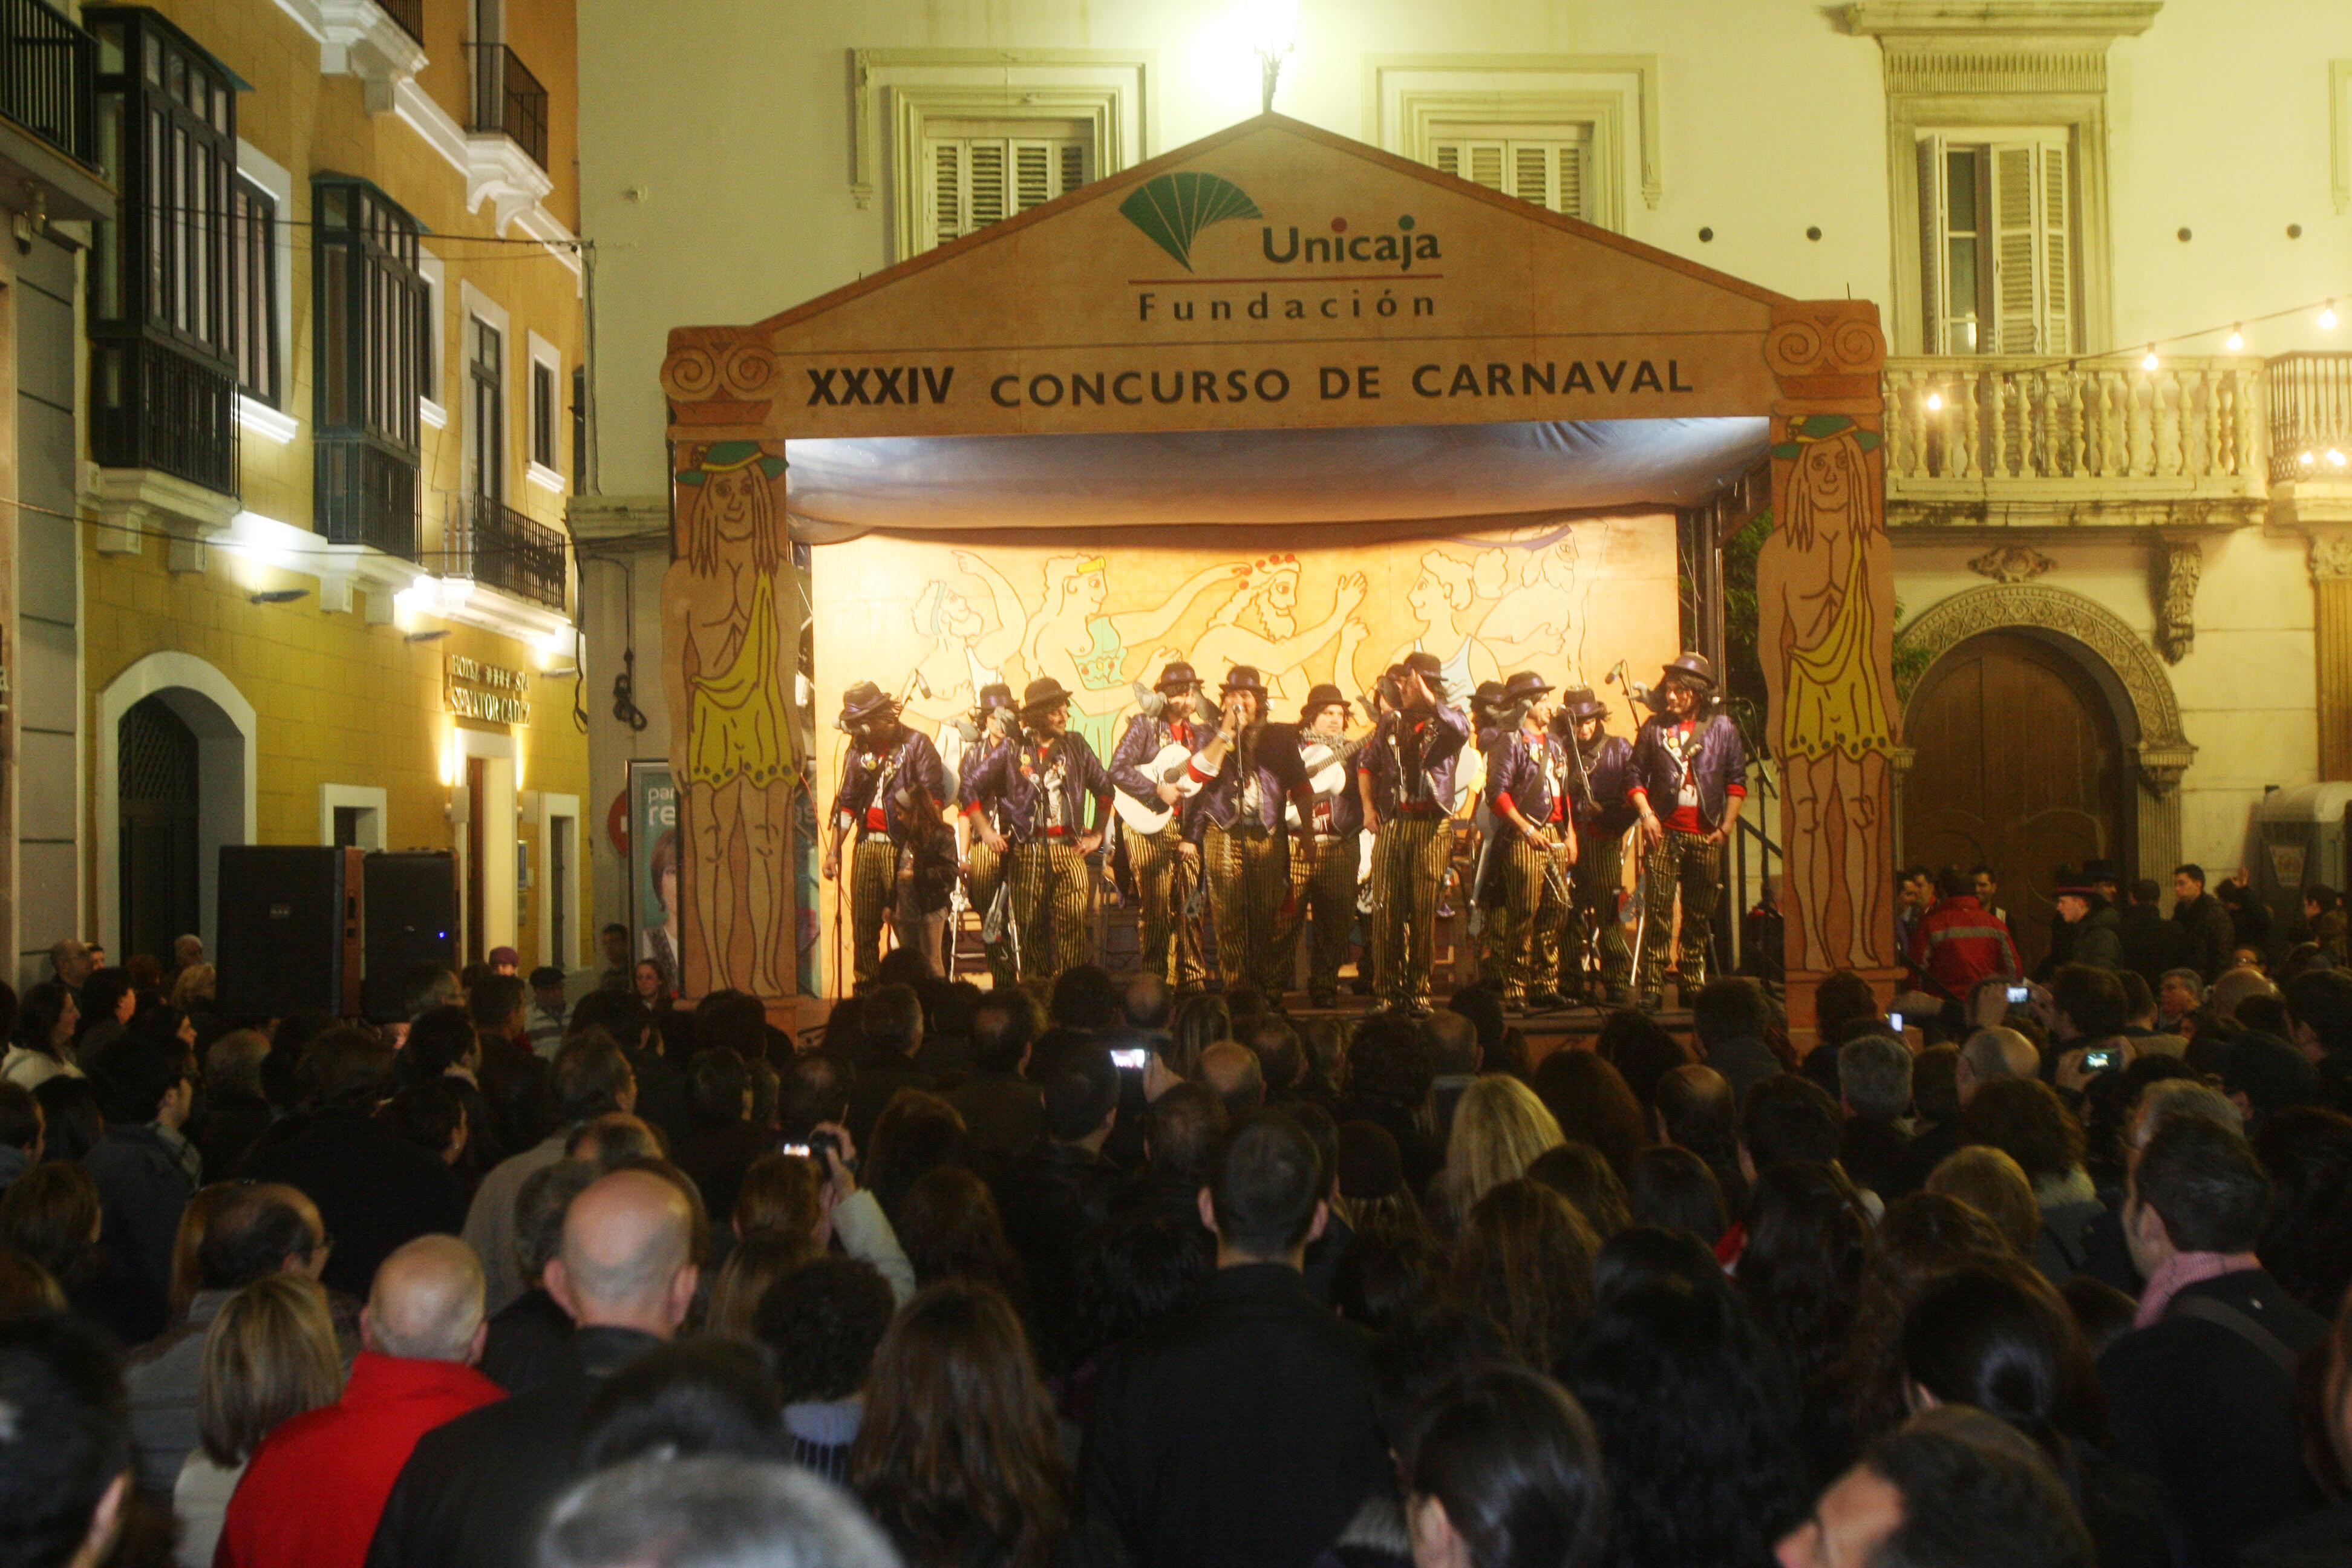 Se abre el plazo de inscripción para el concurso de coplas de Unicaja